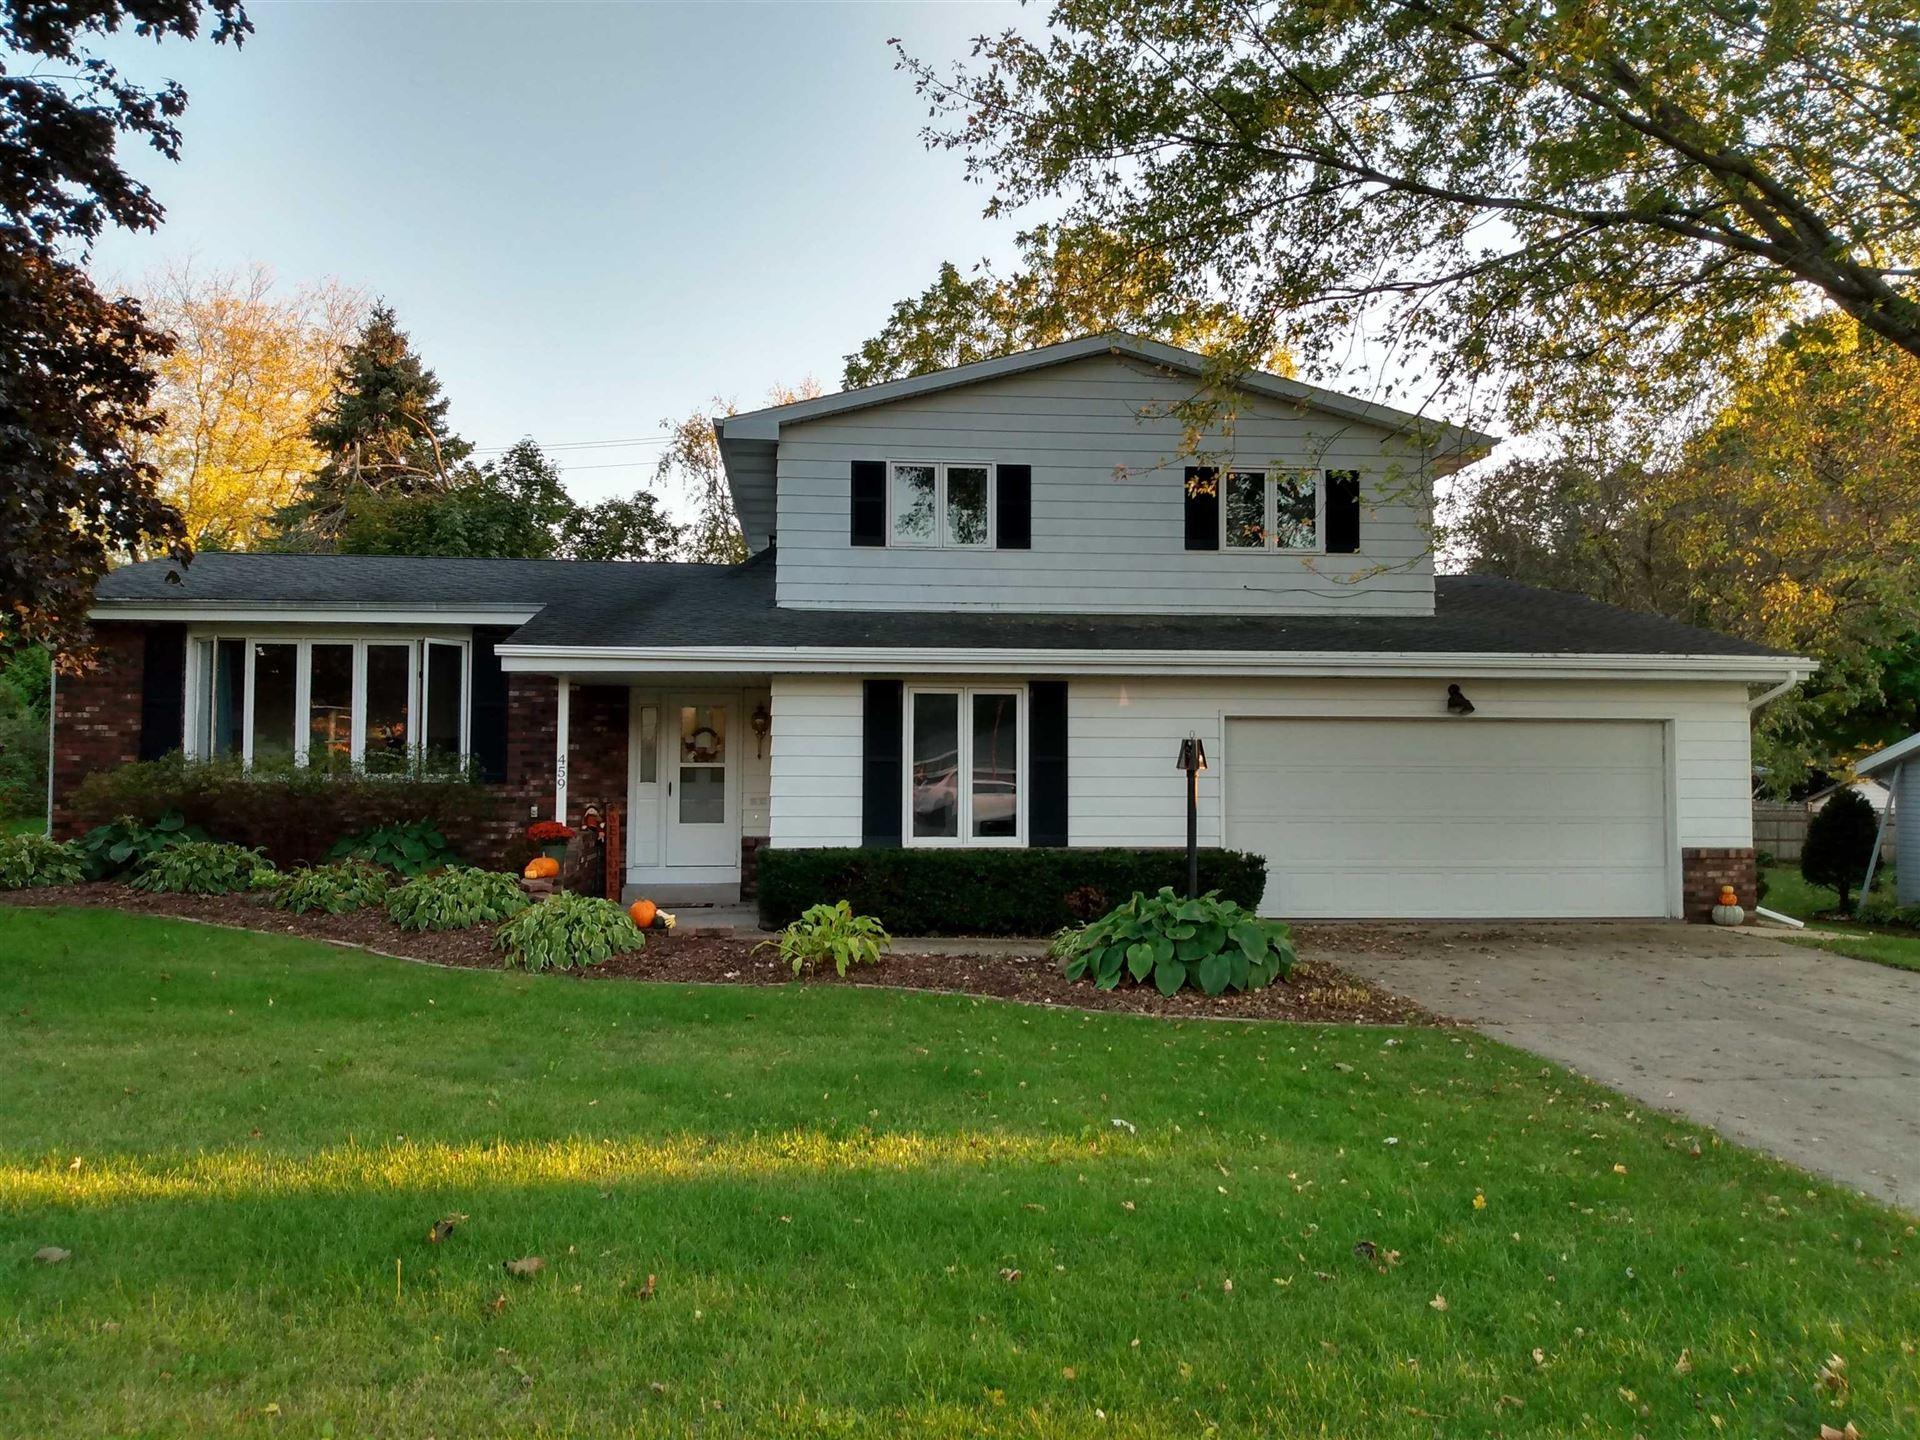 459 Garfield Ave, Evansville, WI 53536 - #: 1921937